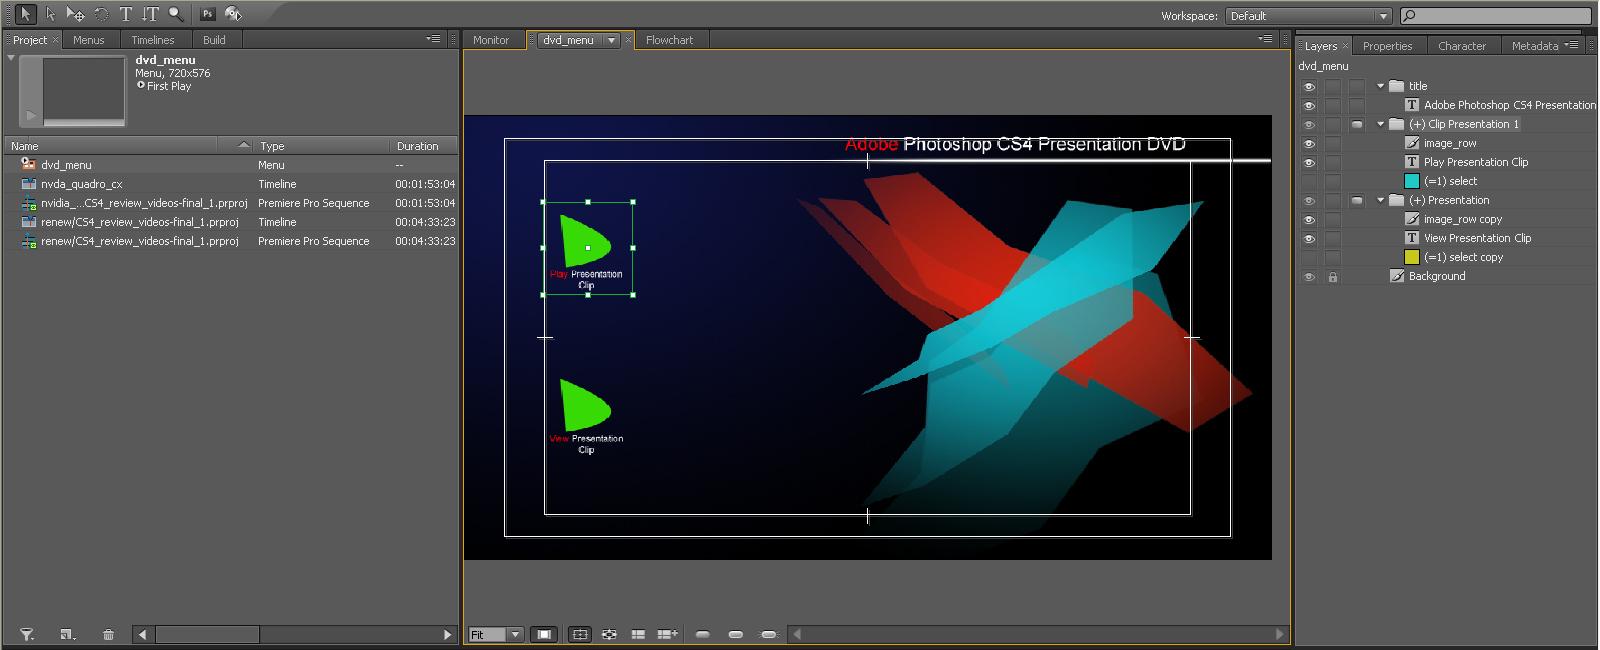 Новые возможности Adobe Photoshop CS4. Часть 2 - Компьютерная графика и анимация - Render.ru